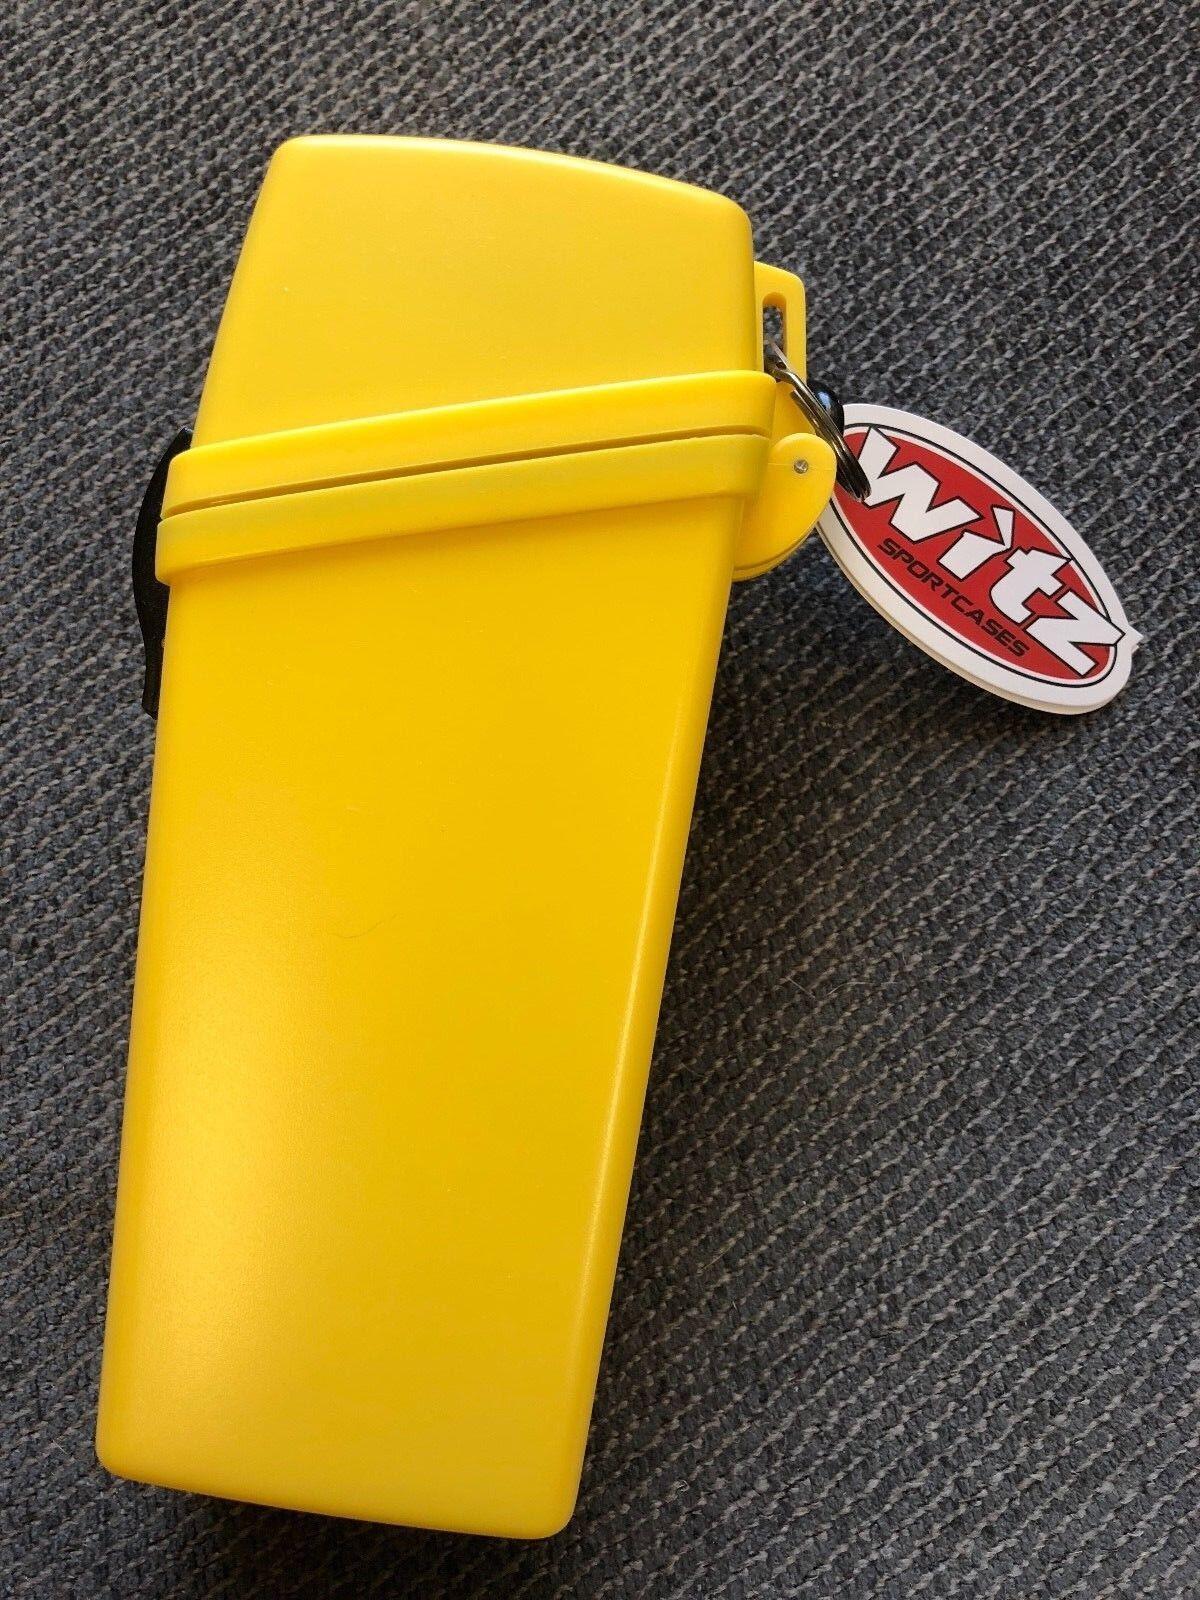 Witz GPS dry box rafting kayaking equipment diving yellow  w